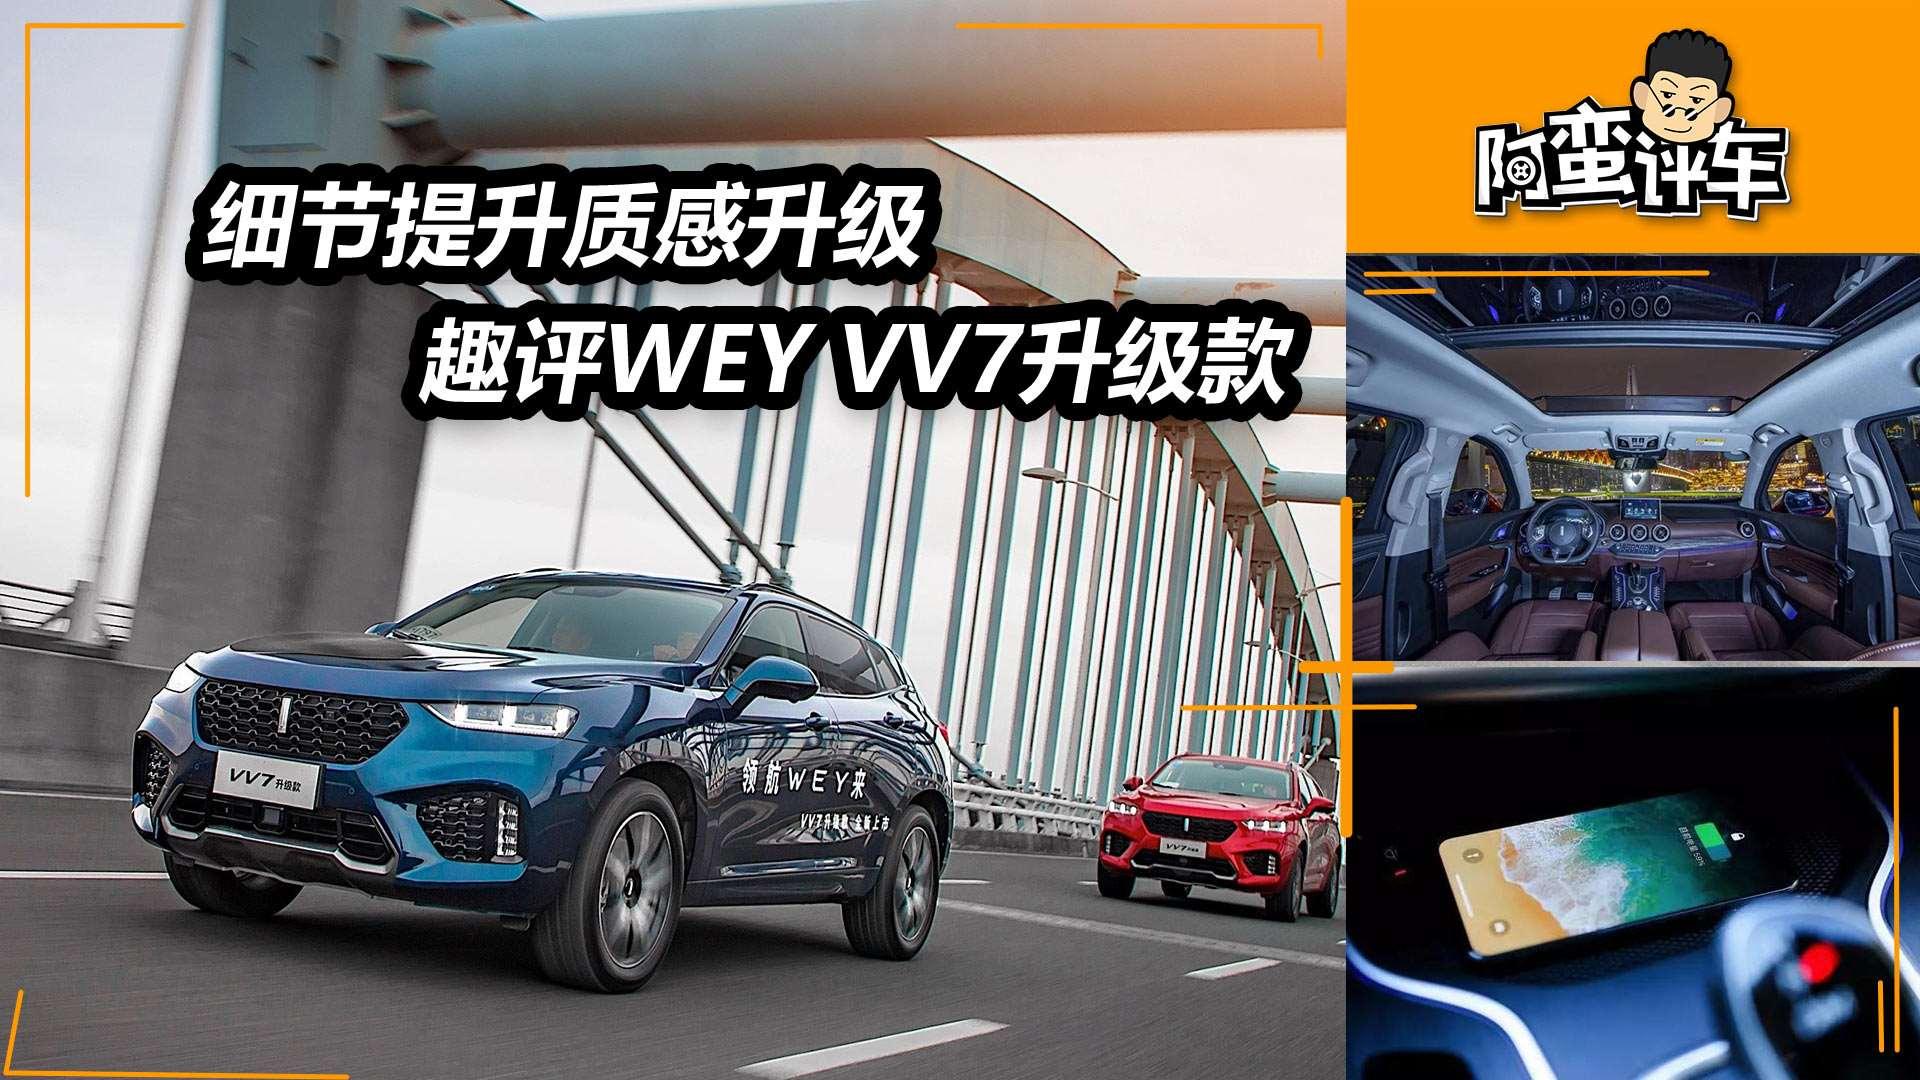 细节提升质感升级 趣评WEY VV7升级款